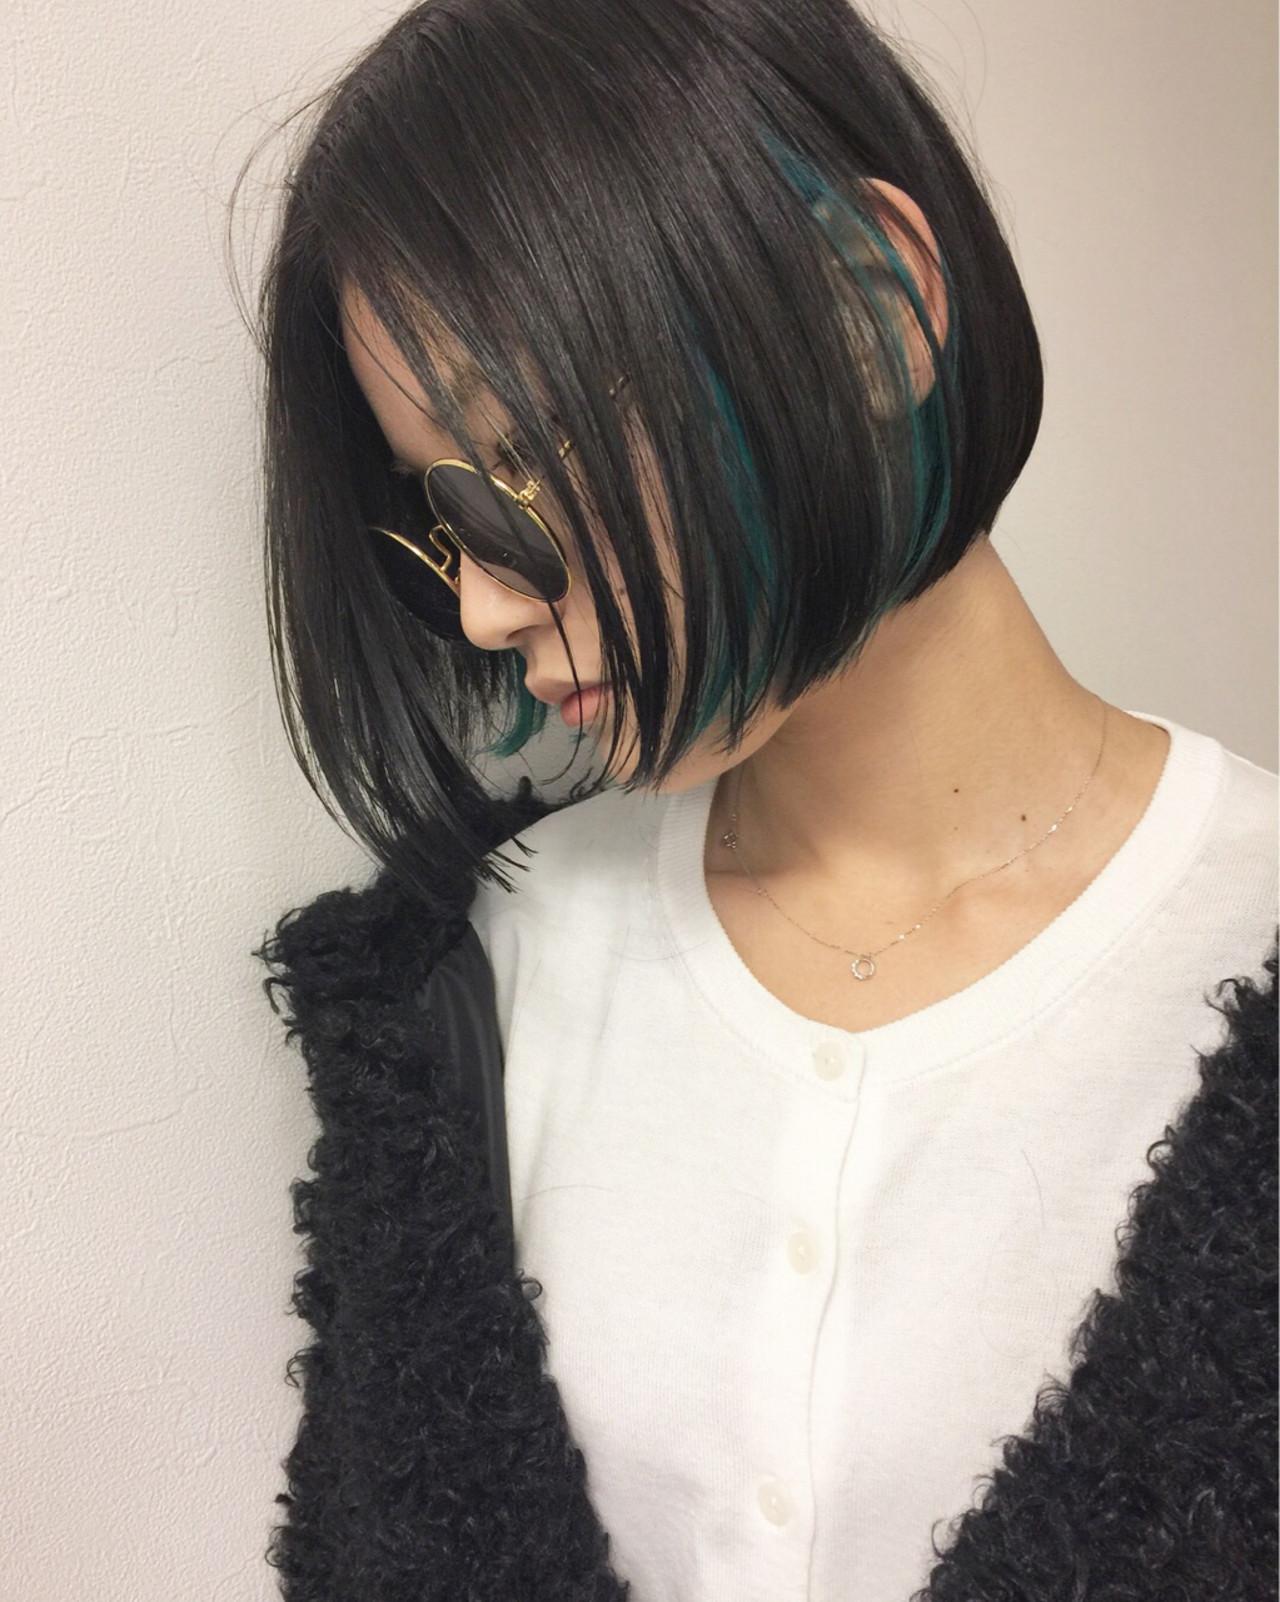 ストリート インナーカラー モード ボブ ヘアスタイルや髪型の写真・画像 | 吉田 哲也 / Hair Gallery Chainon